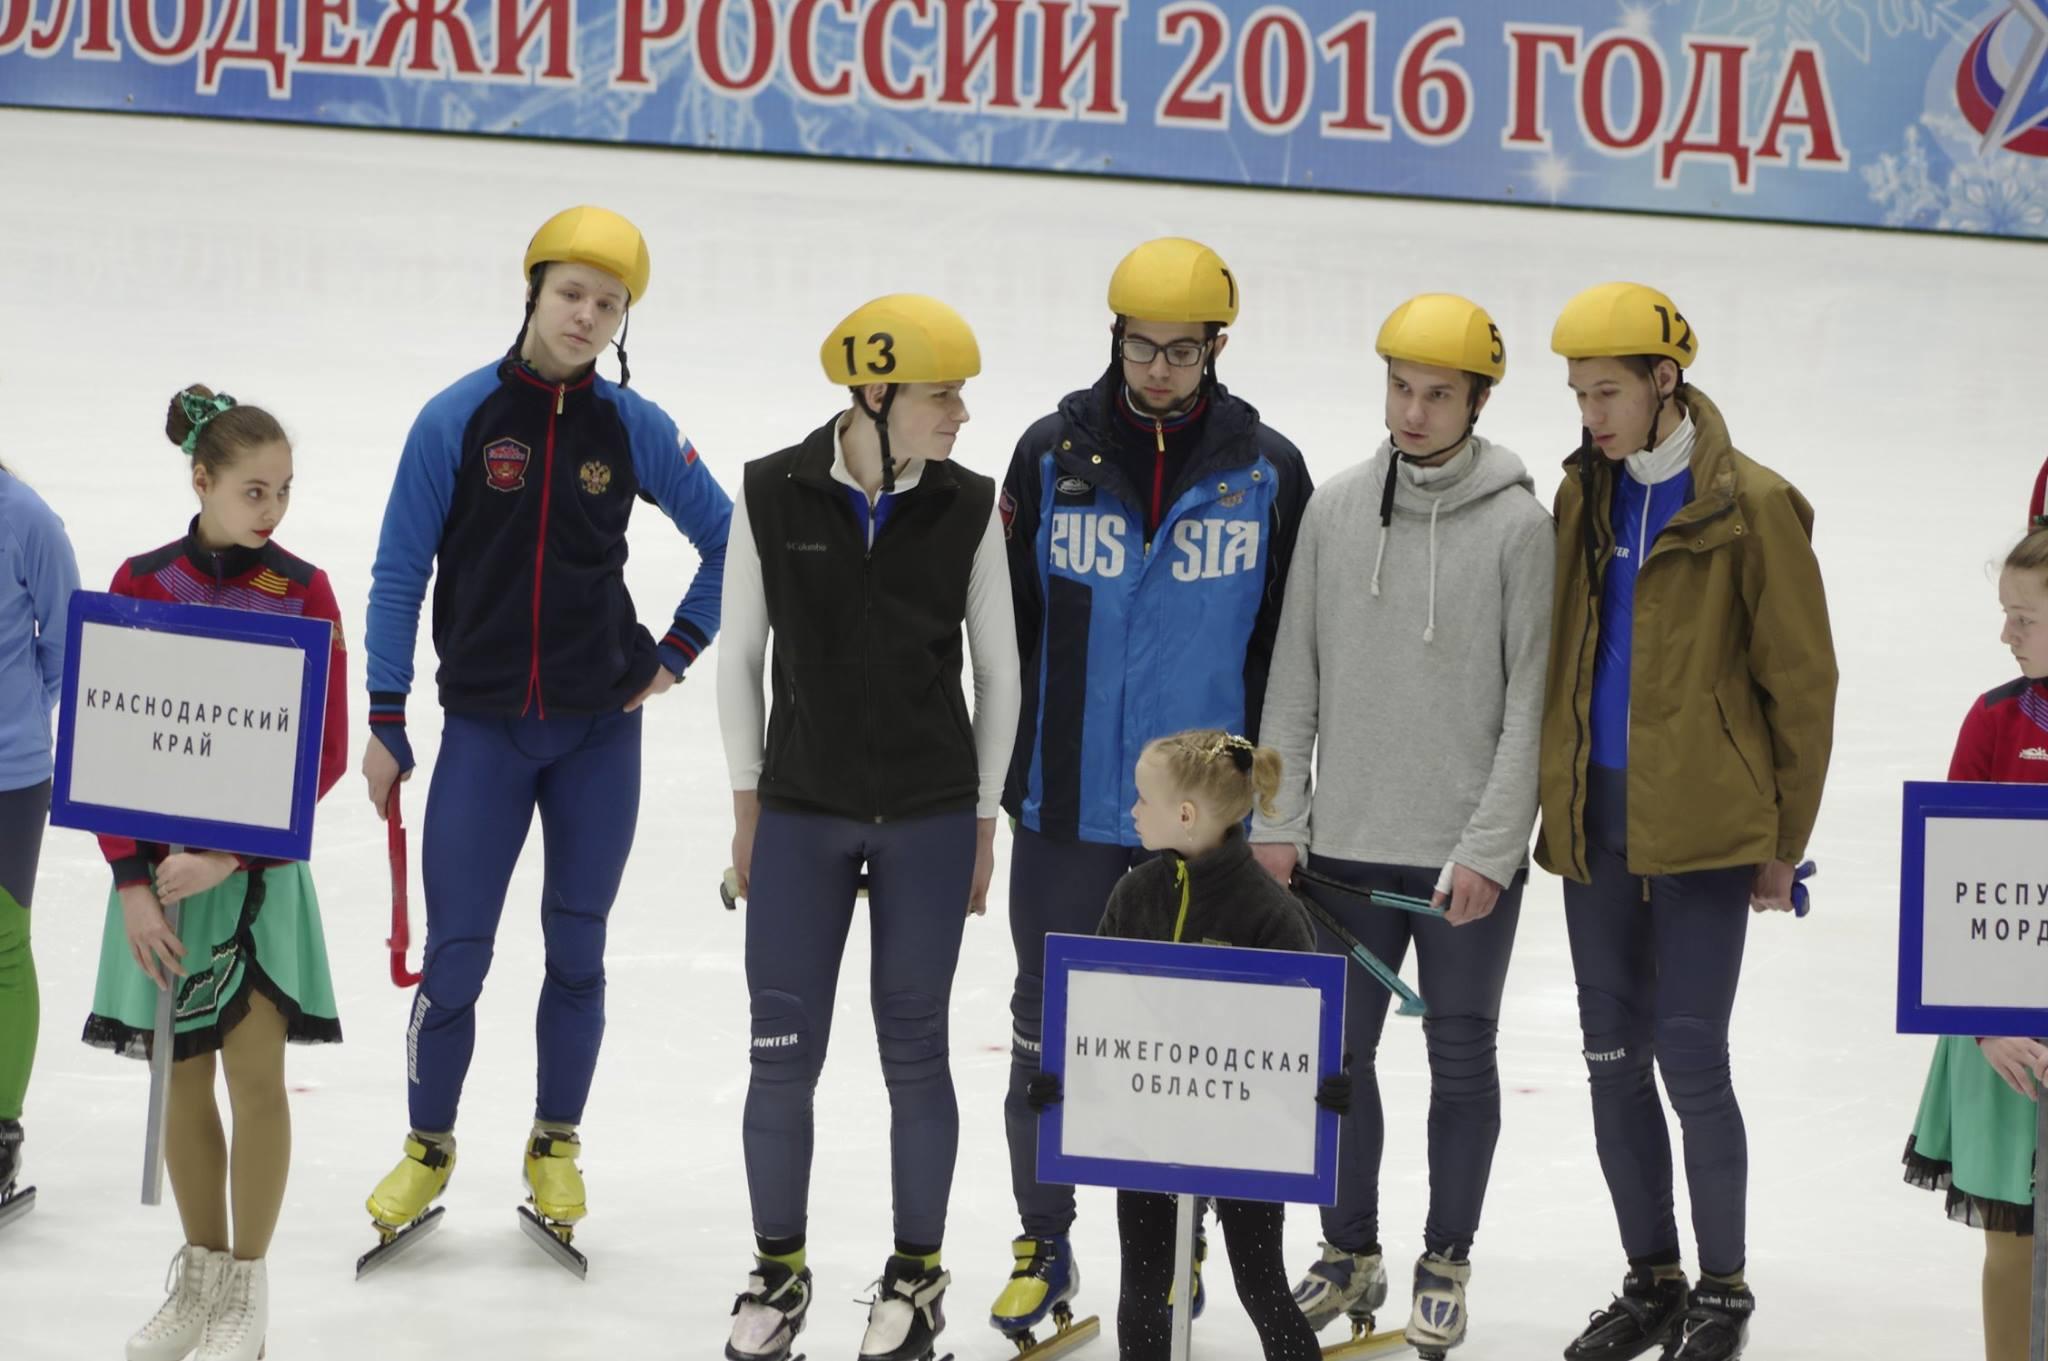 Парад-открытие III Зимней Спартакиады молодежи России 2016 по шорт-треку